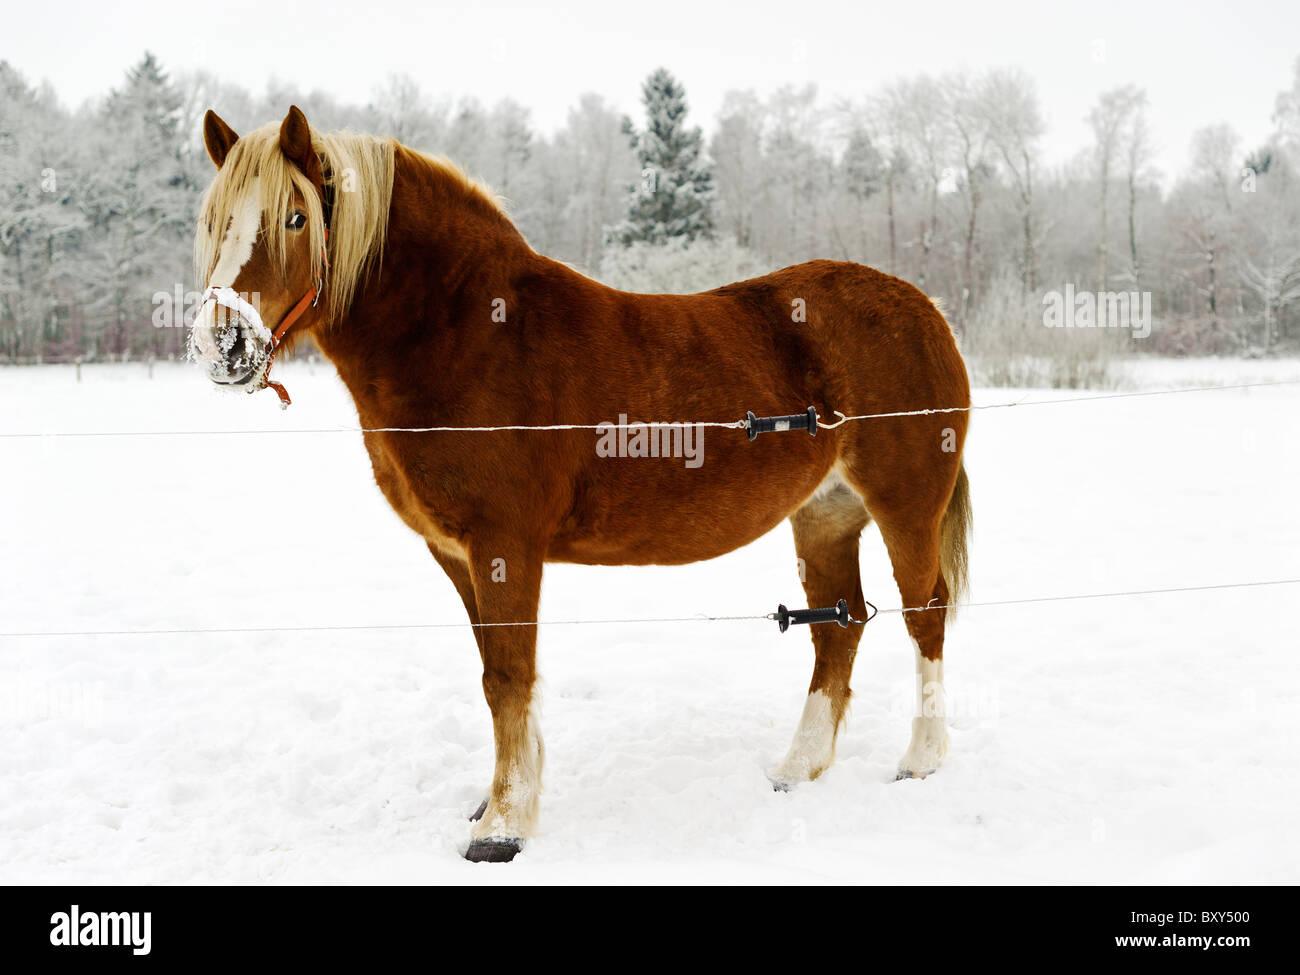 Pferd auf Wiese im Winter, Mühlenbeck, Mecklenburg-Vorpommern, Deutschland, Europa - Stock Image